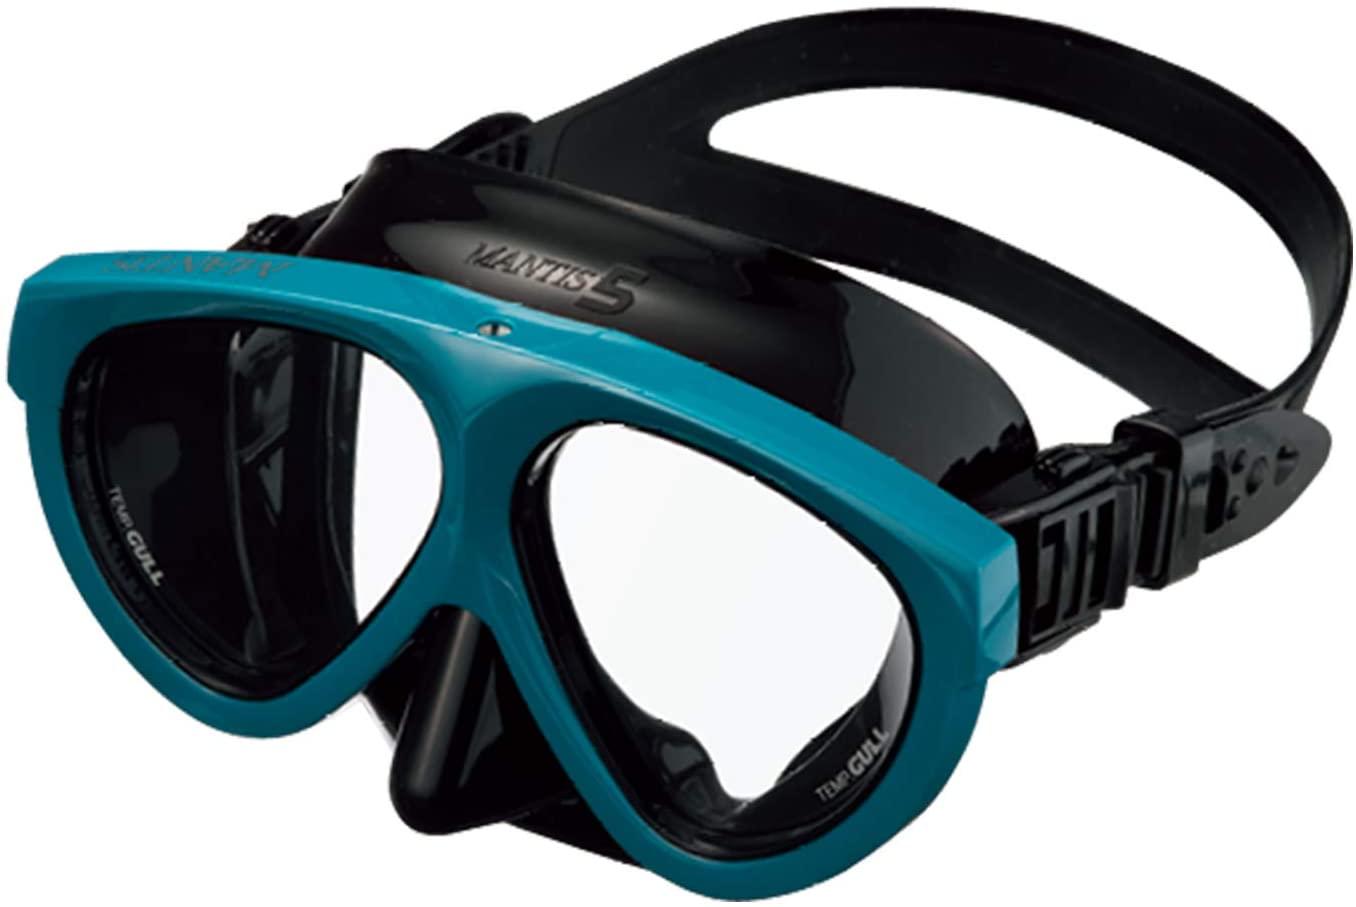 GULL Mantis 5 Black Silicone w/NTR Turquoise Frame